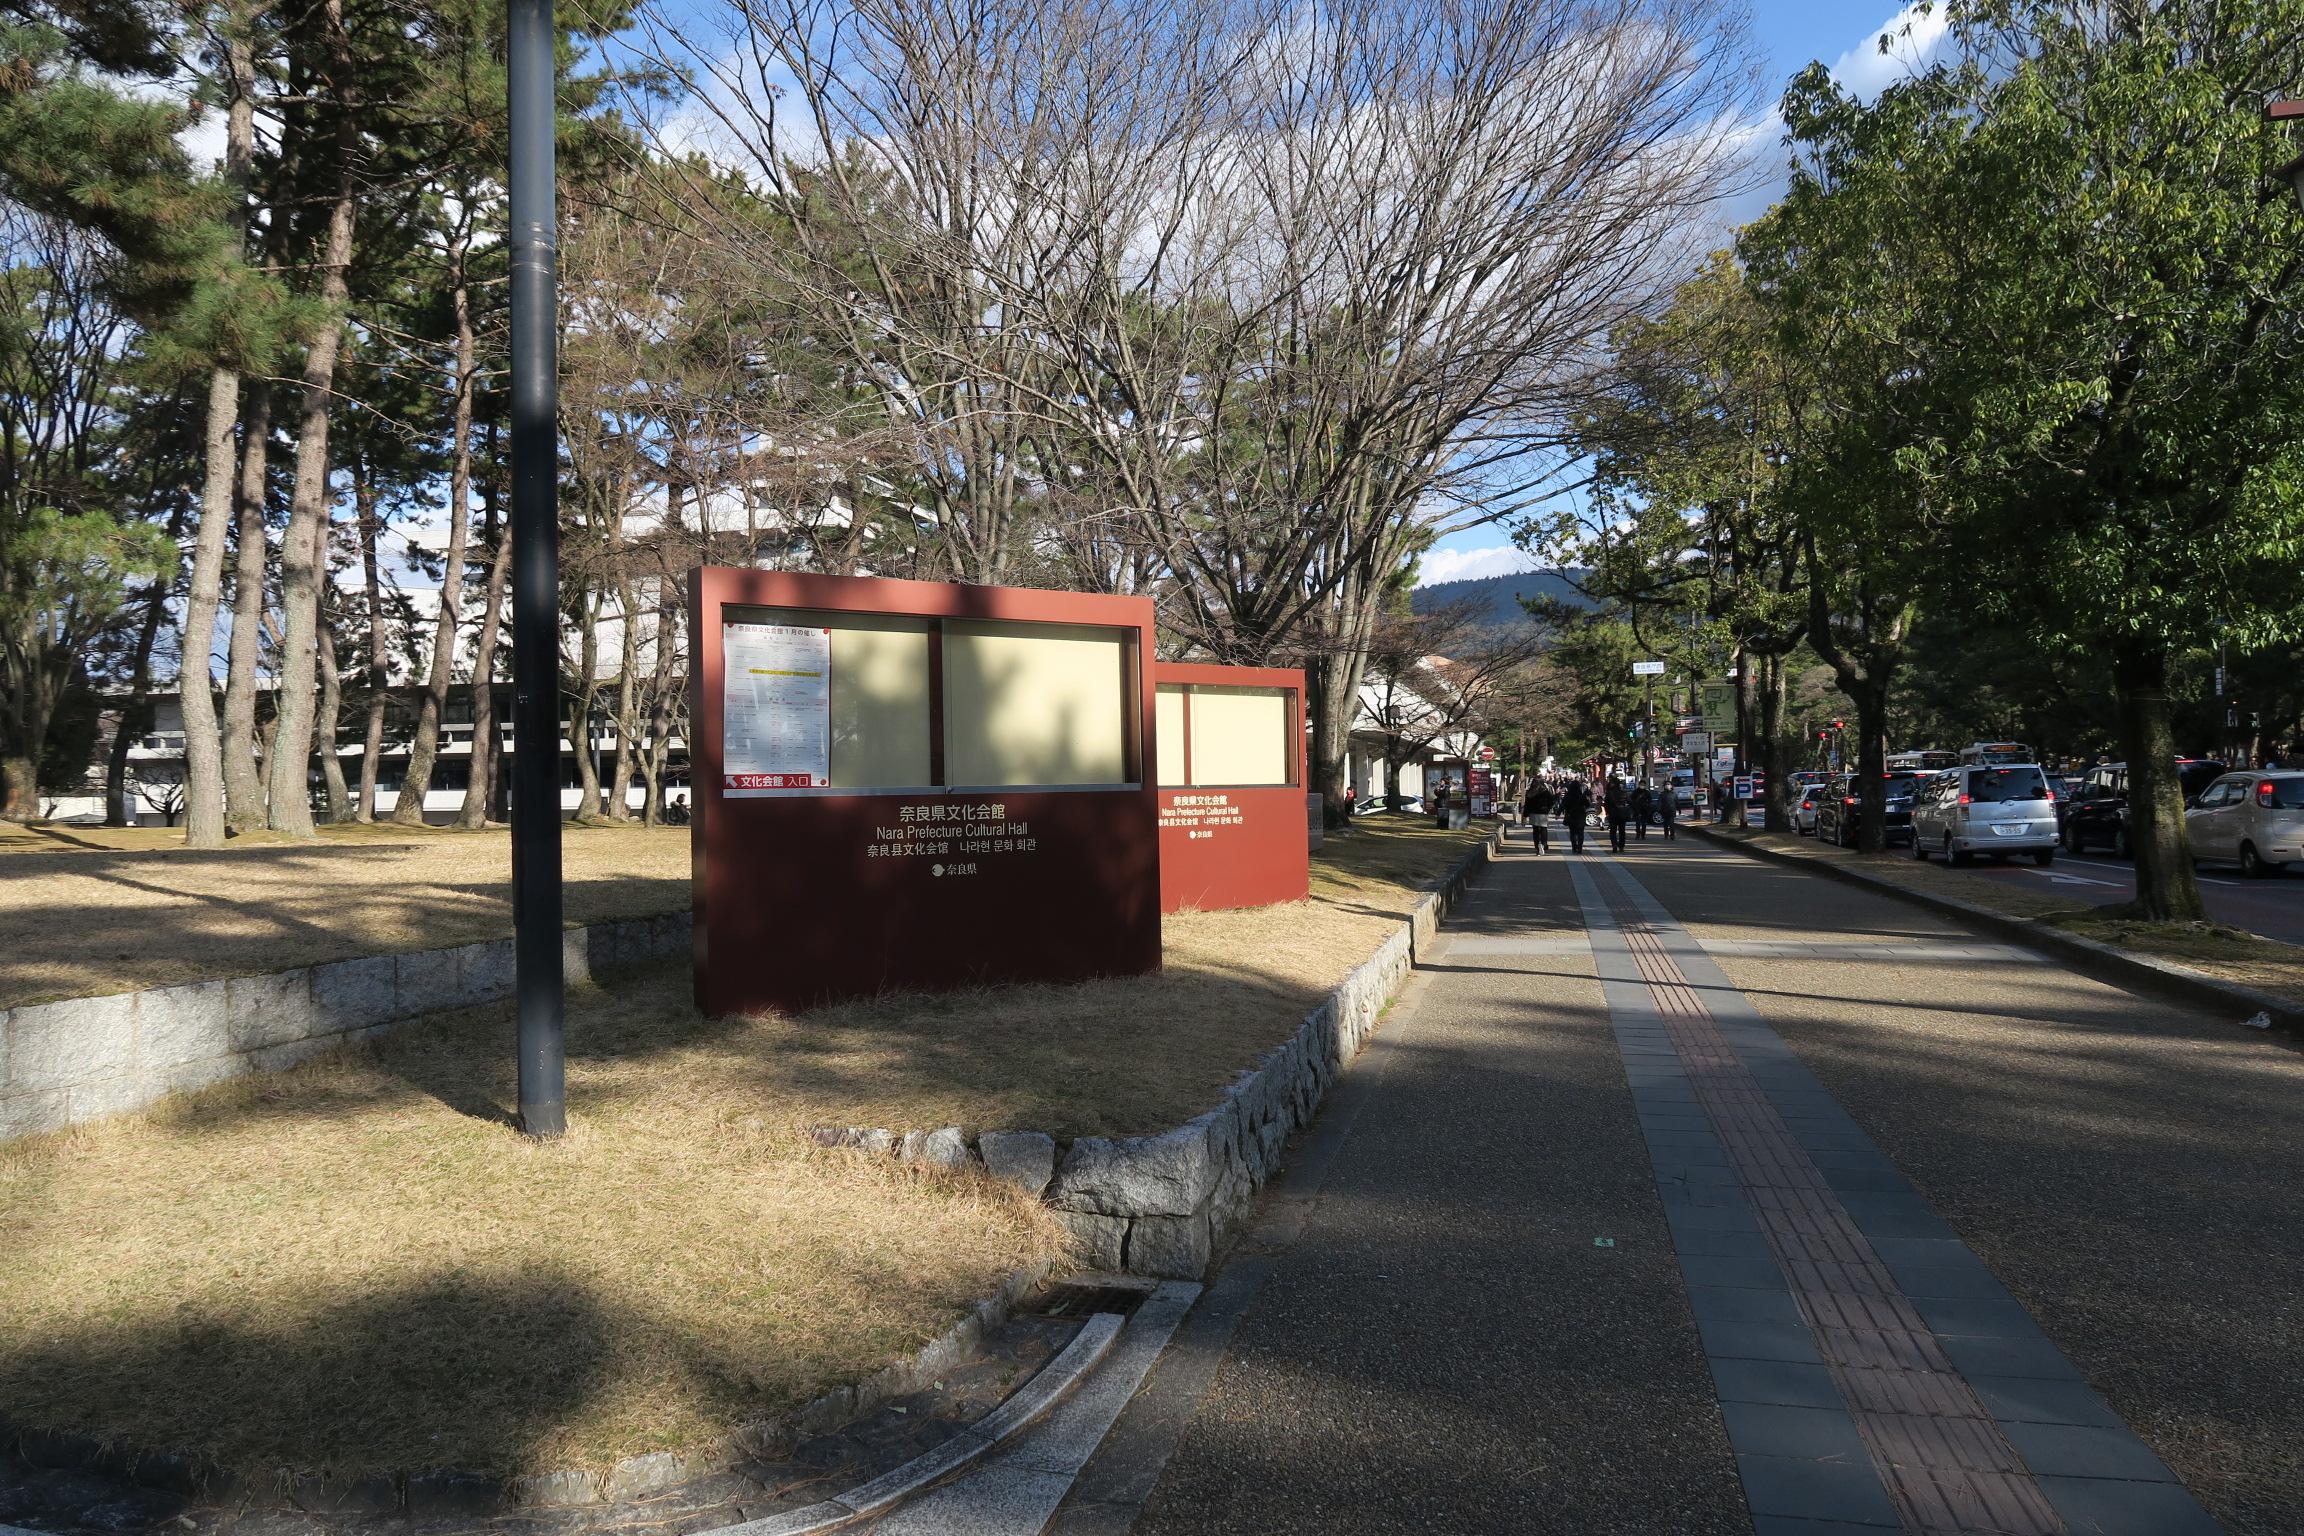 近鉄奈良駅から3分ほど東大寺方面に歩いていくと奈良県文化会館があります。